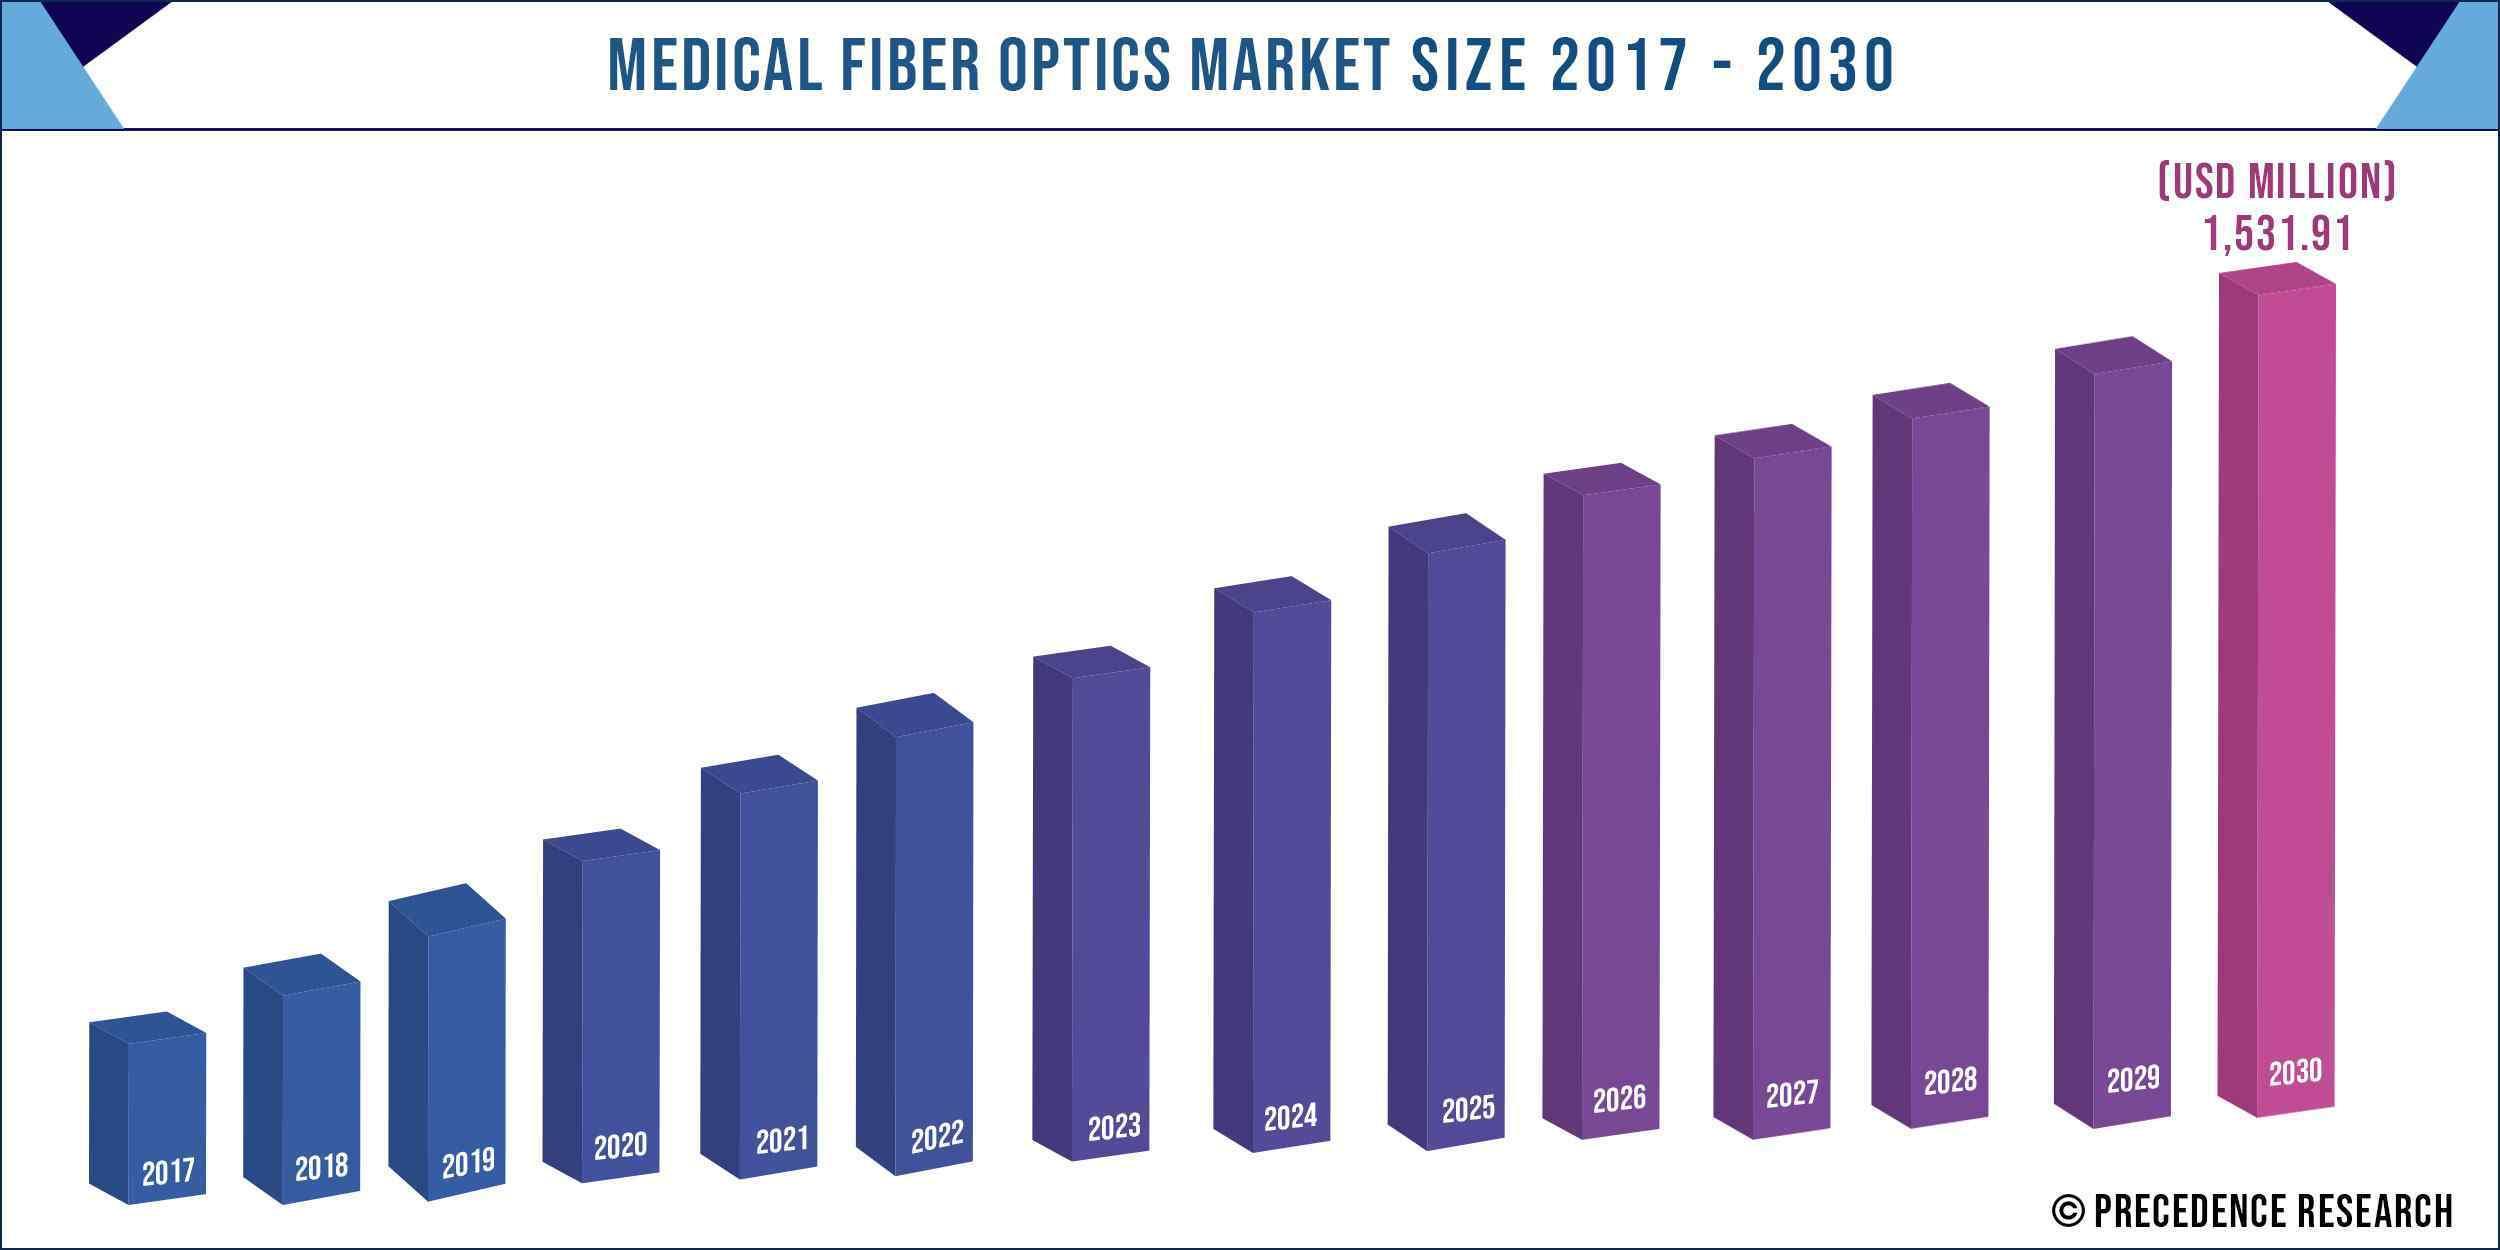 Medical Fiber Optics Market Size 2017-2030